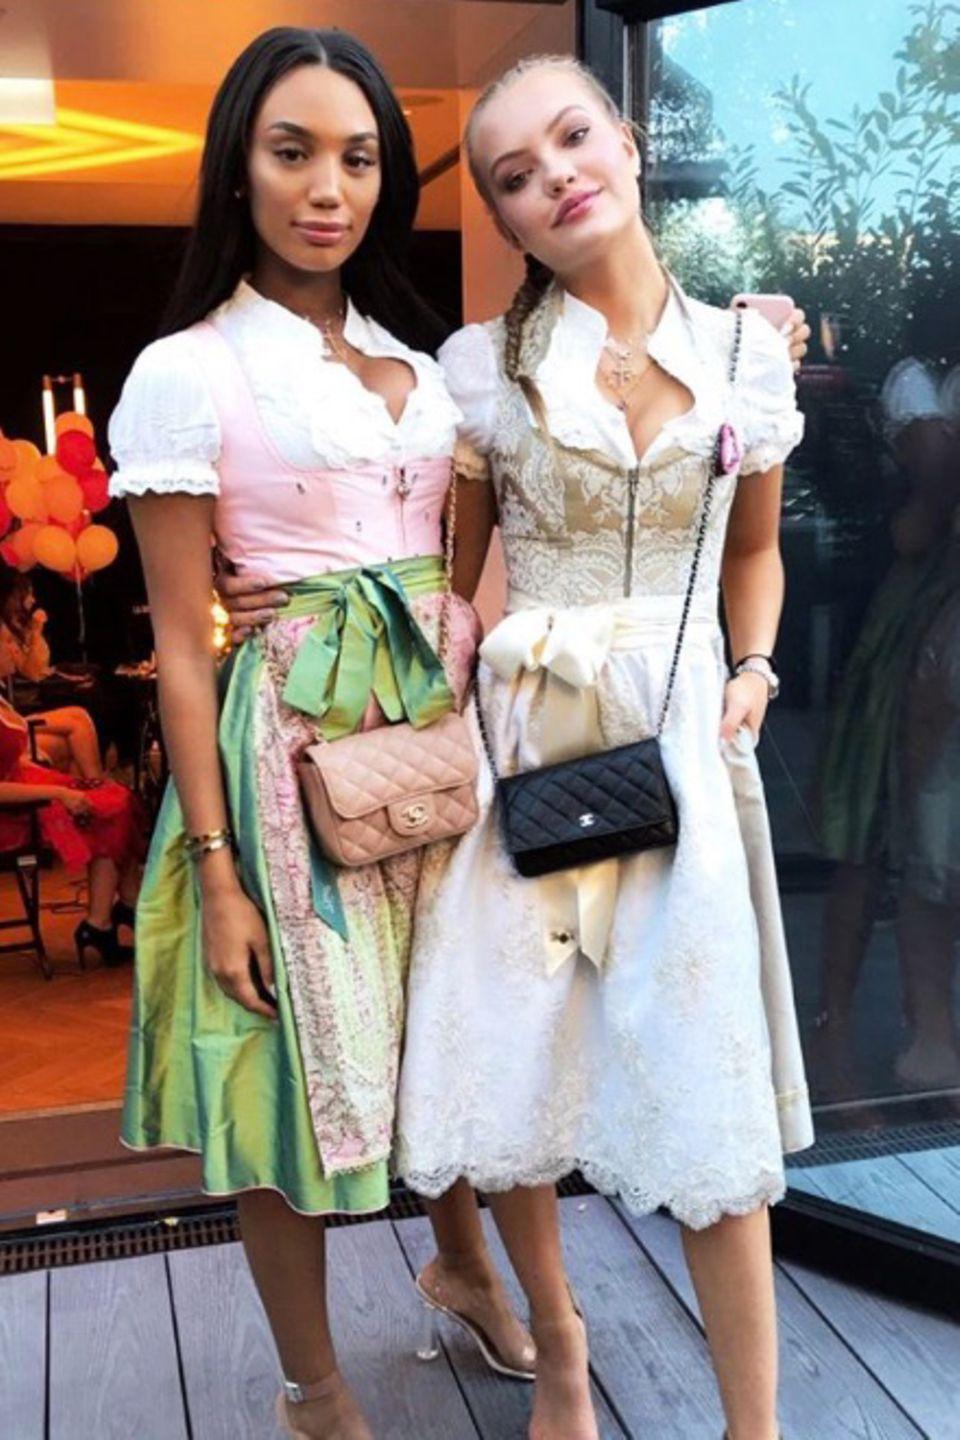 Auch Cheyenne Ochsenknecht und Celina Jada haben sich zur Madl-Wiesn so richtig aufbrezeln lassen. Cheyenne trägt ein Dirndl in Beigetönen in Kombination mit einer edlen Spitzenbluse.